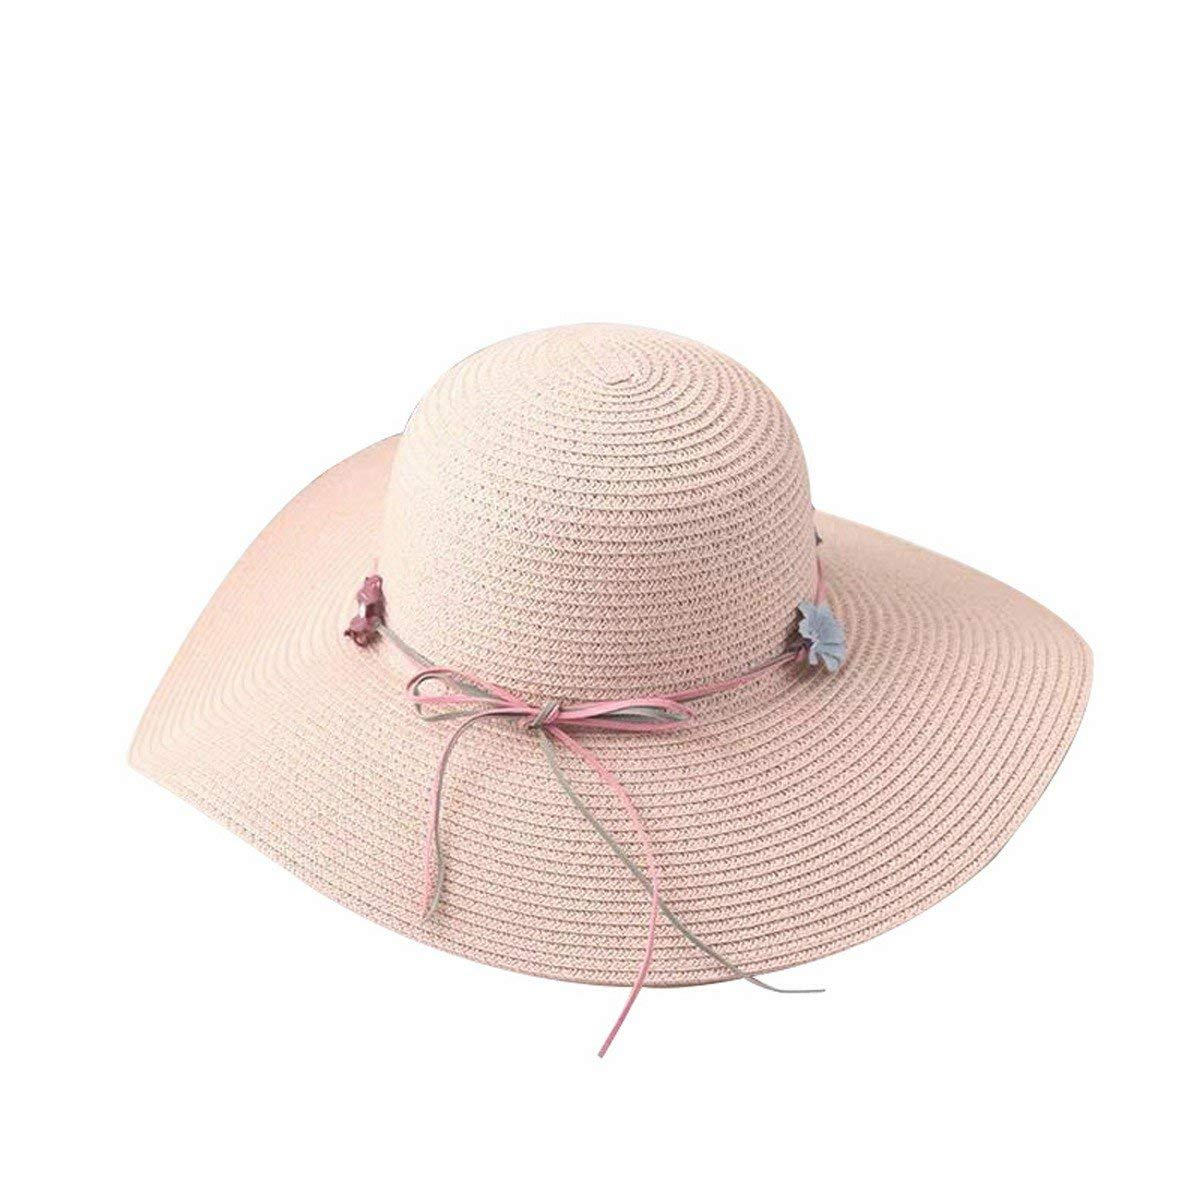 d4ce865e468b2 Get Quotations · LYX Women Foldable Floppy Travel Packable UV Hat Cotton Sun  Hats Wide Brim